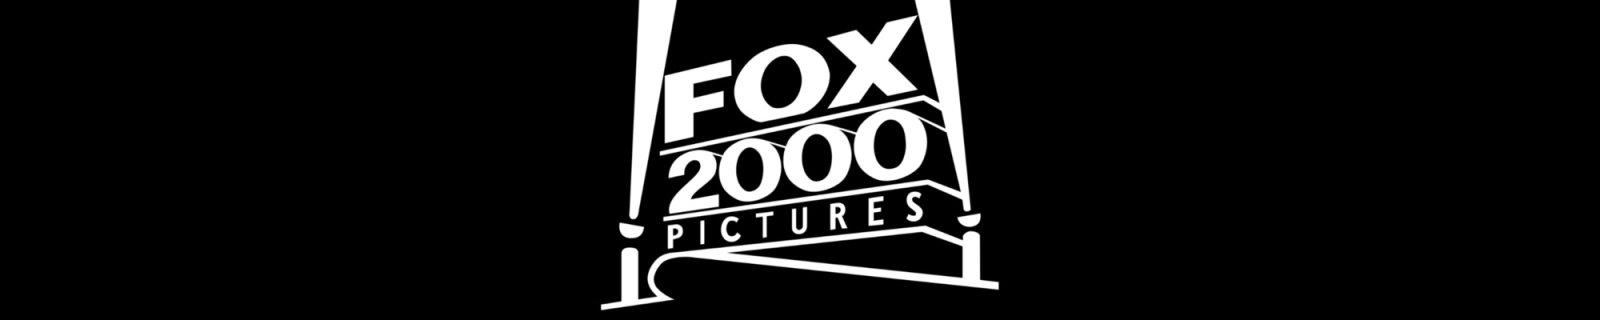 裁人浪潮START!迪士尼关闭福斯2000厂牌,并裁去多名20世纪福斯高层